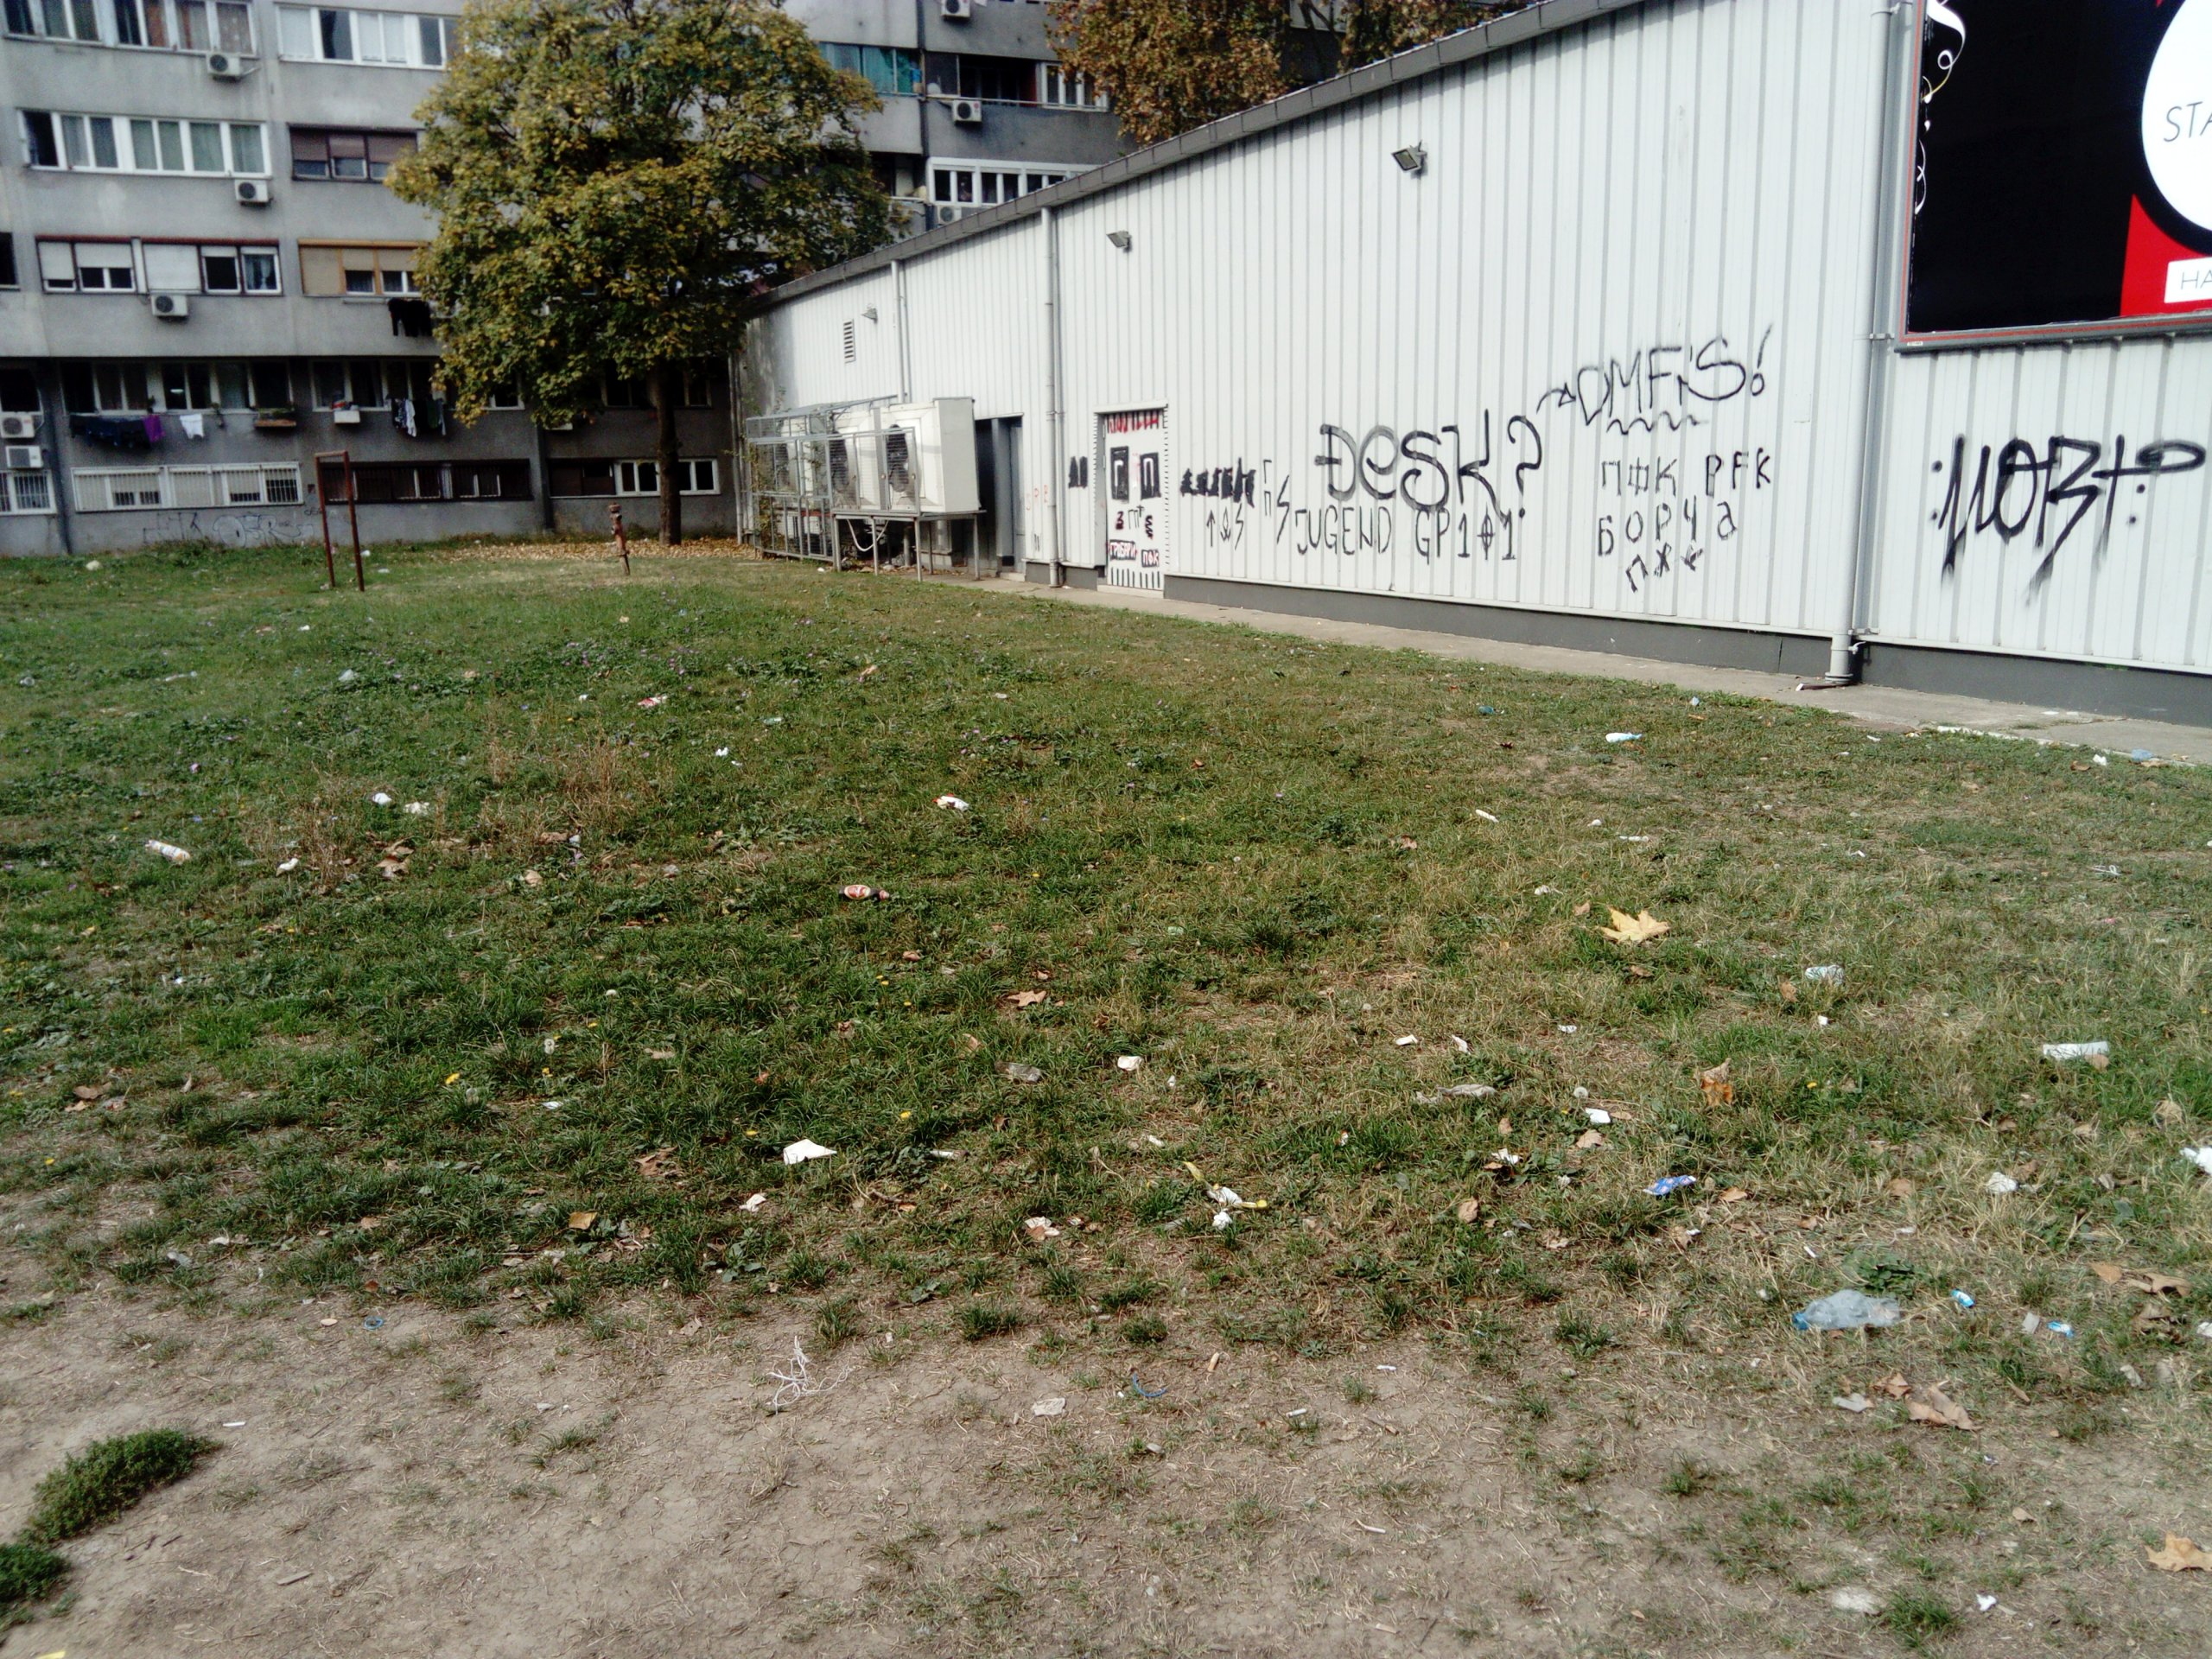 Maksi diskont ulica iza Bulevara Mihajla Pupina (Paviljoni)(1)